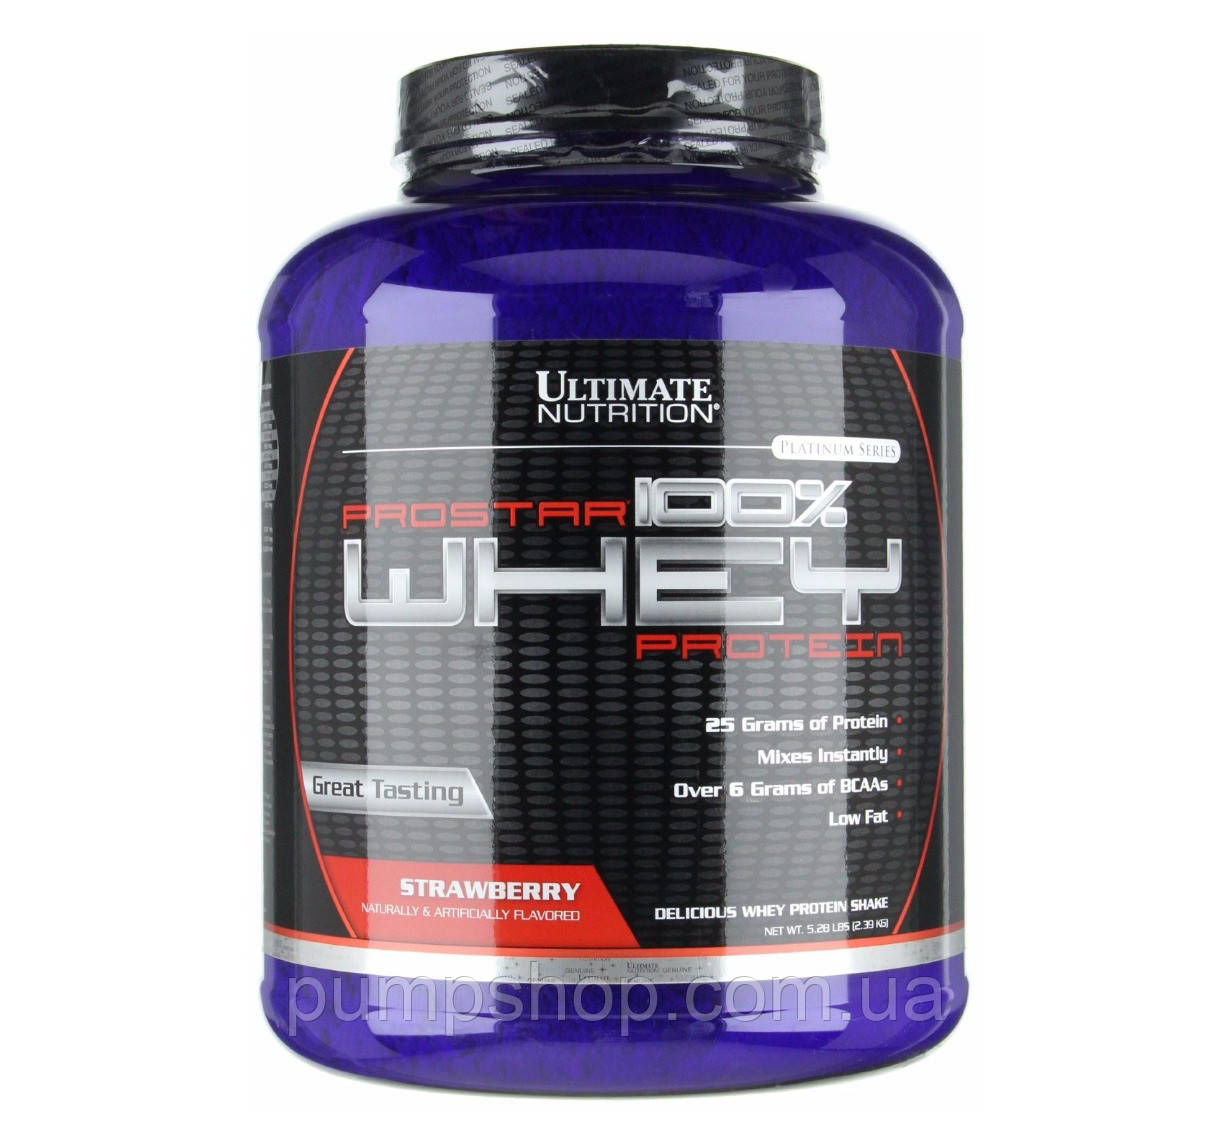 Протеїн ізолят Ultimate Nutrition ProStar 100% Whey Protein 2,36 кг